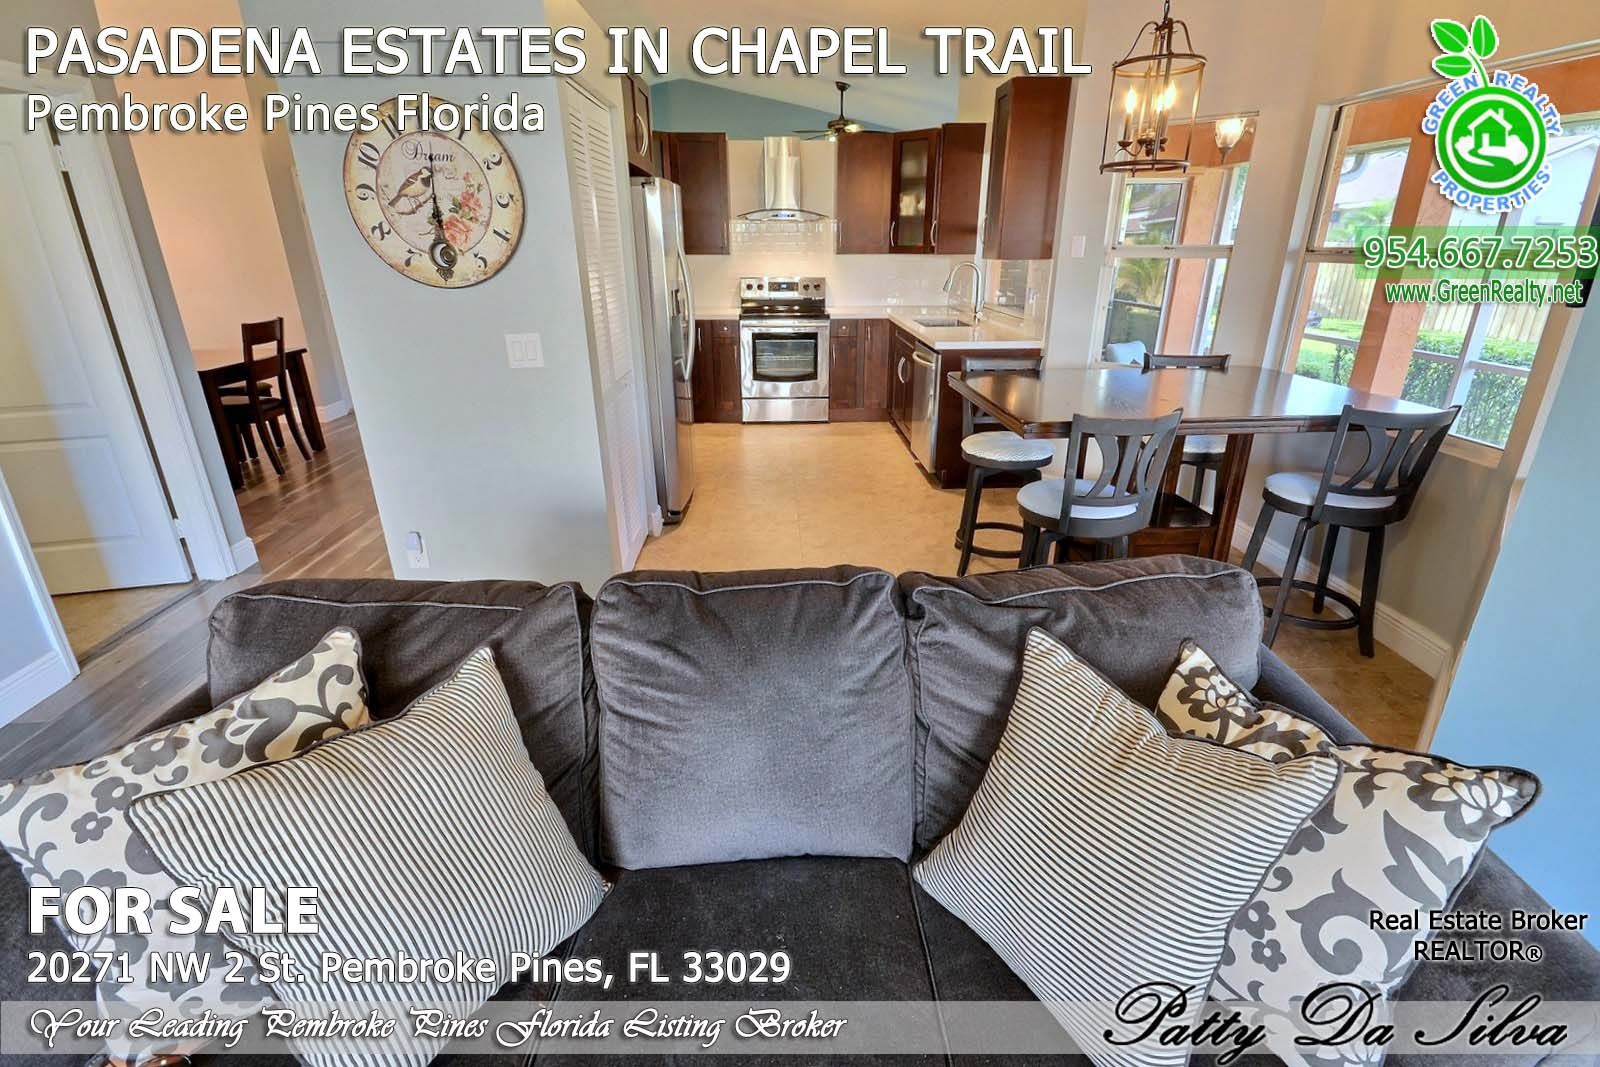 Pasadena Estates of Chapel Trail - Pembroke Pines FL (24)